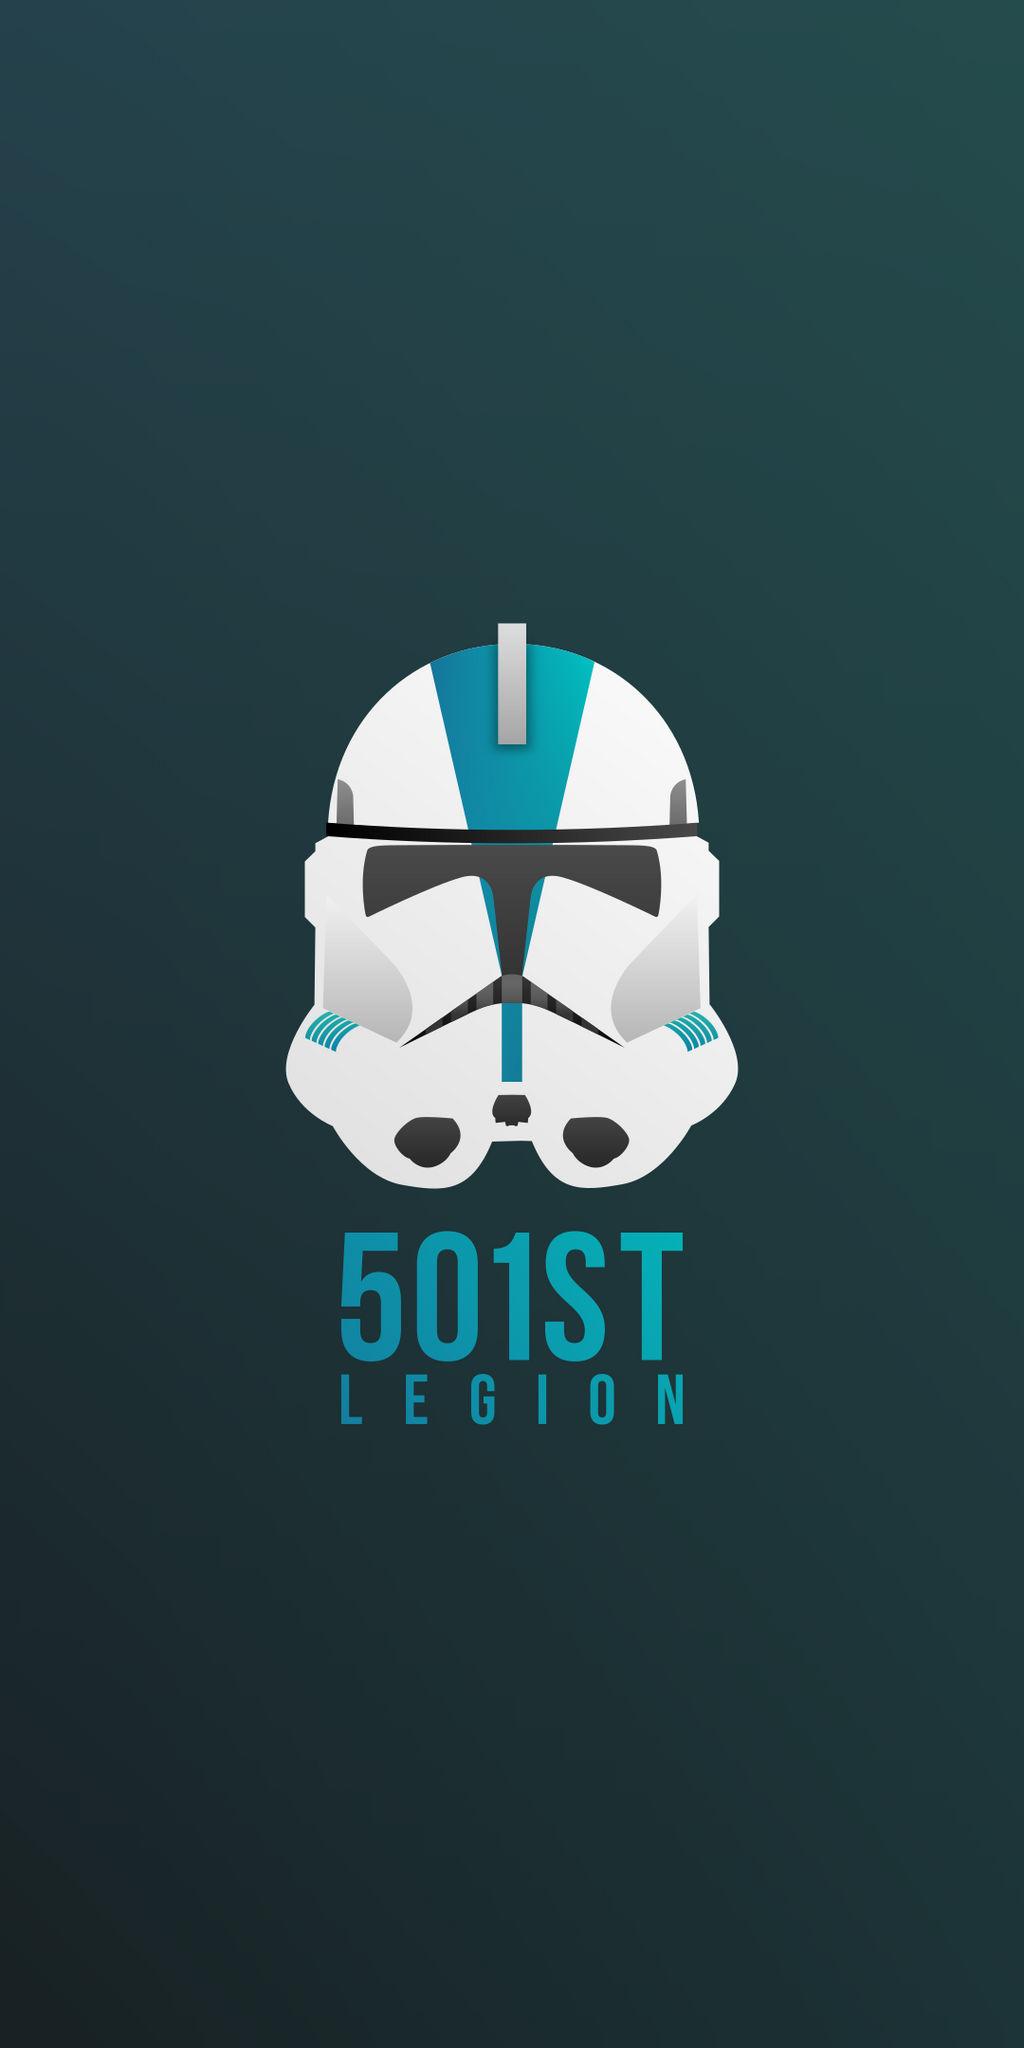 501st Legion Phone Wallpaper By Thewaspartz On Deviantart